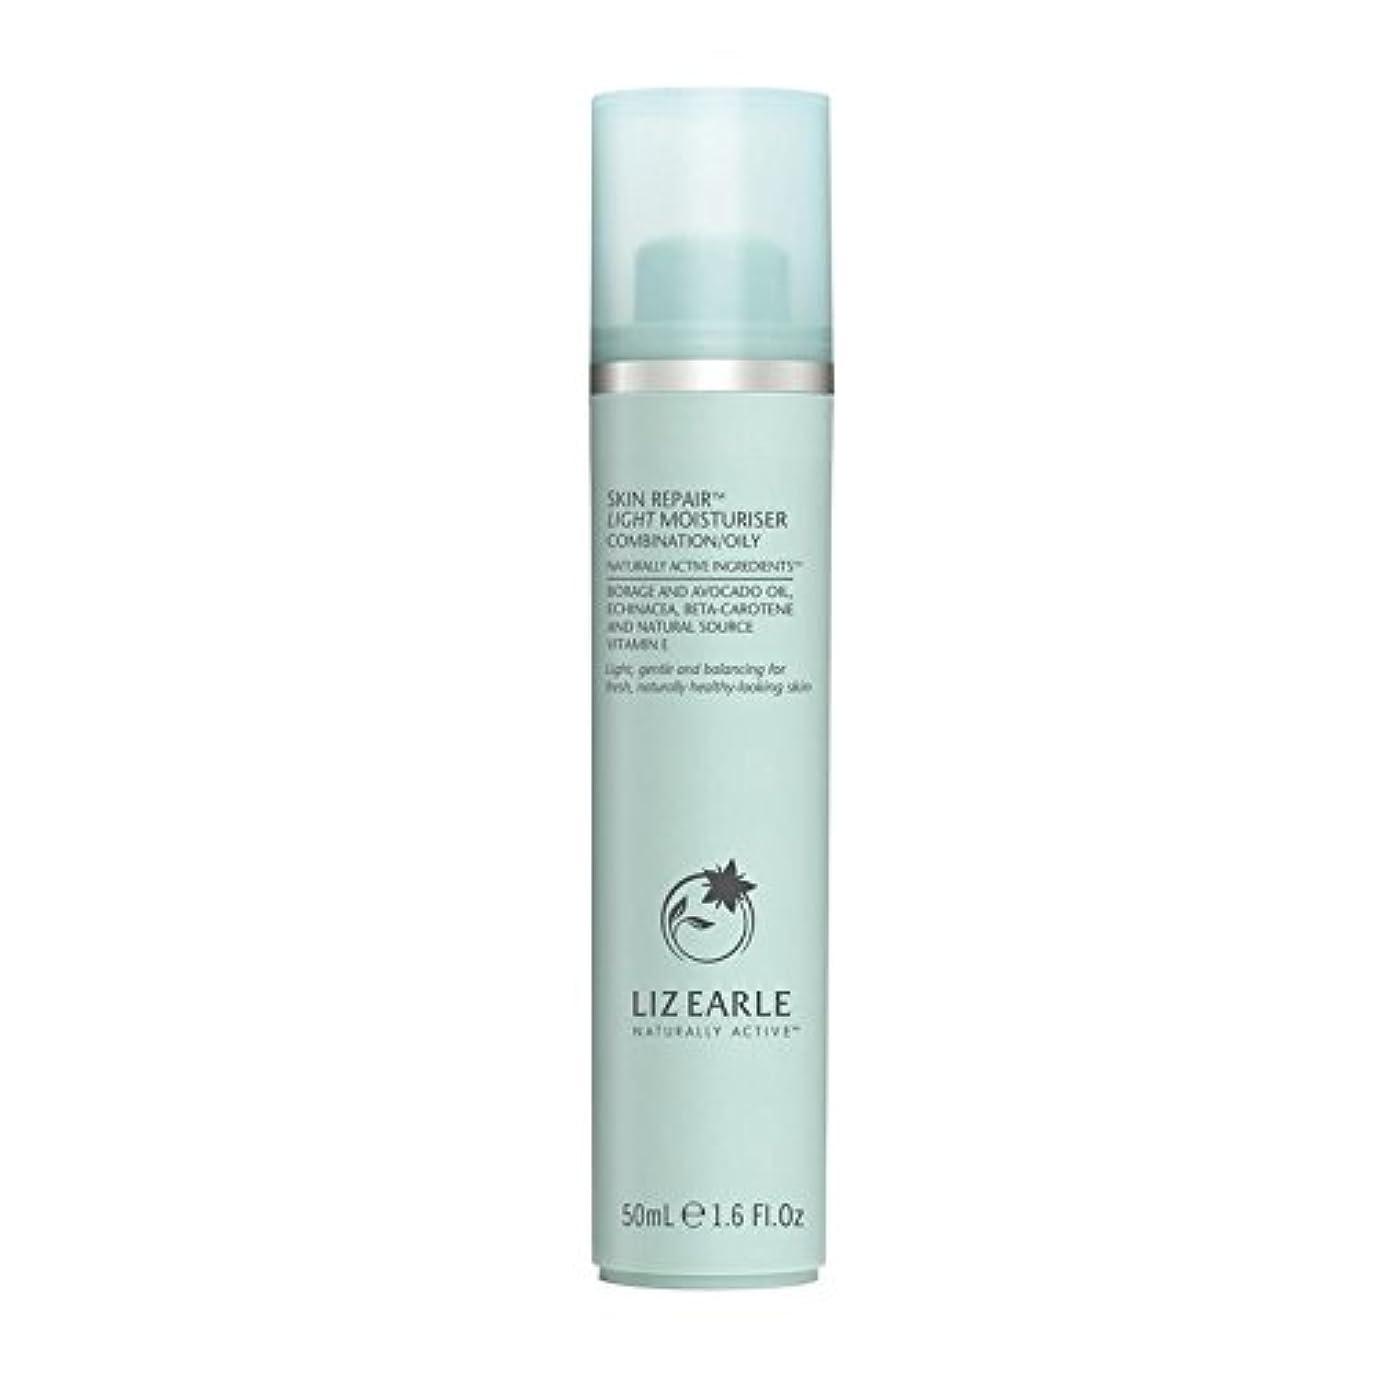 男らしさ自由腰Liz Earle Skin Repair Light Moisturiser Combination/Oily 50ml (Pack of 6) - リズアールスキンリペア光の保湿剤の組み合わせ/油性50ミリリットル x6 [並行輸入品]